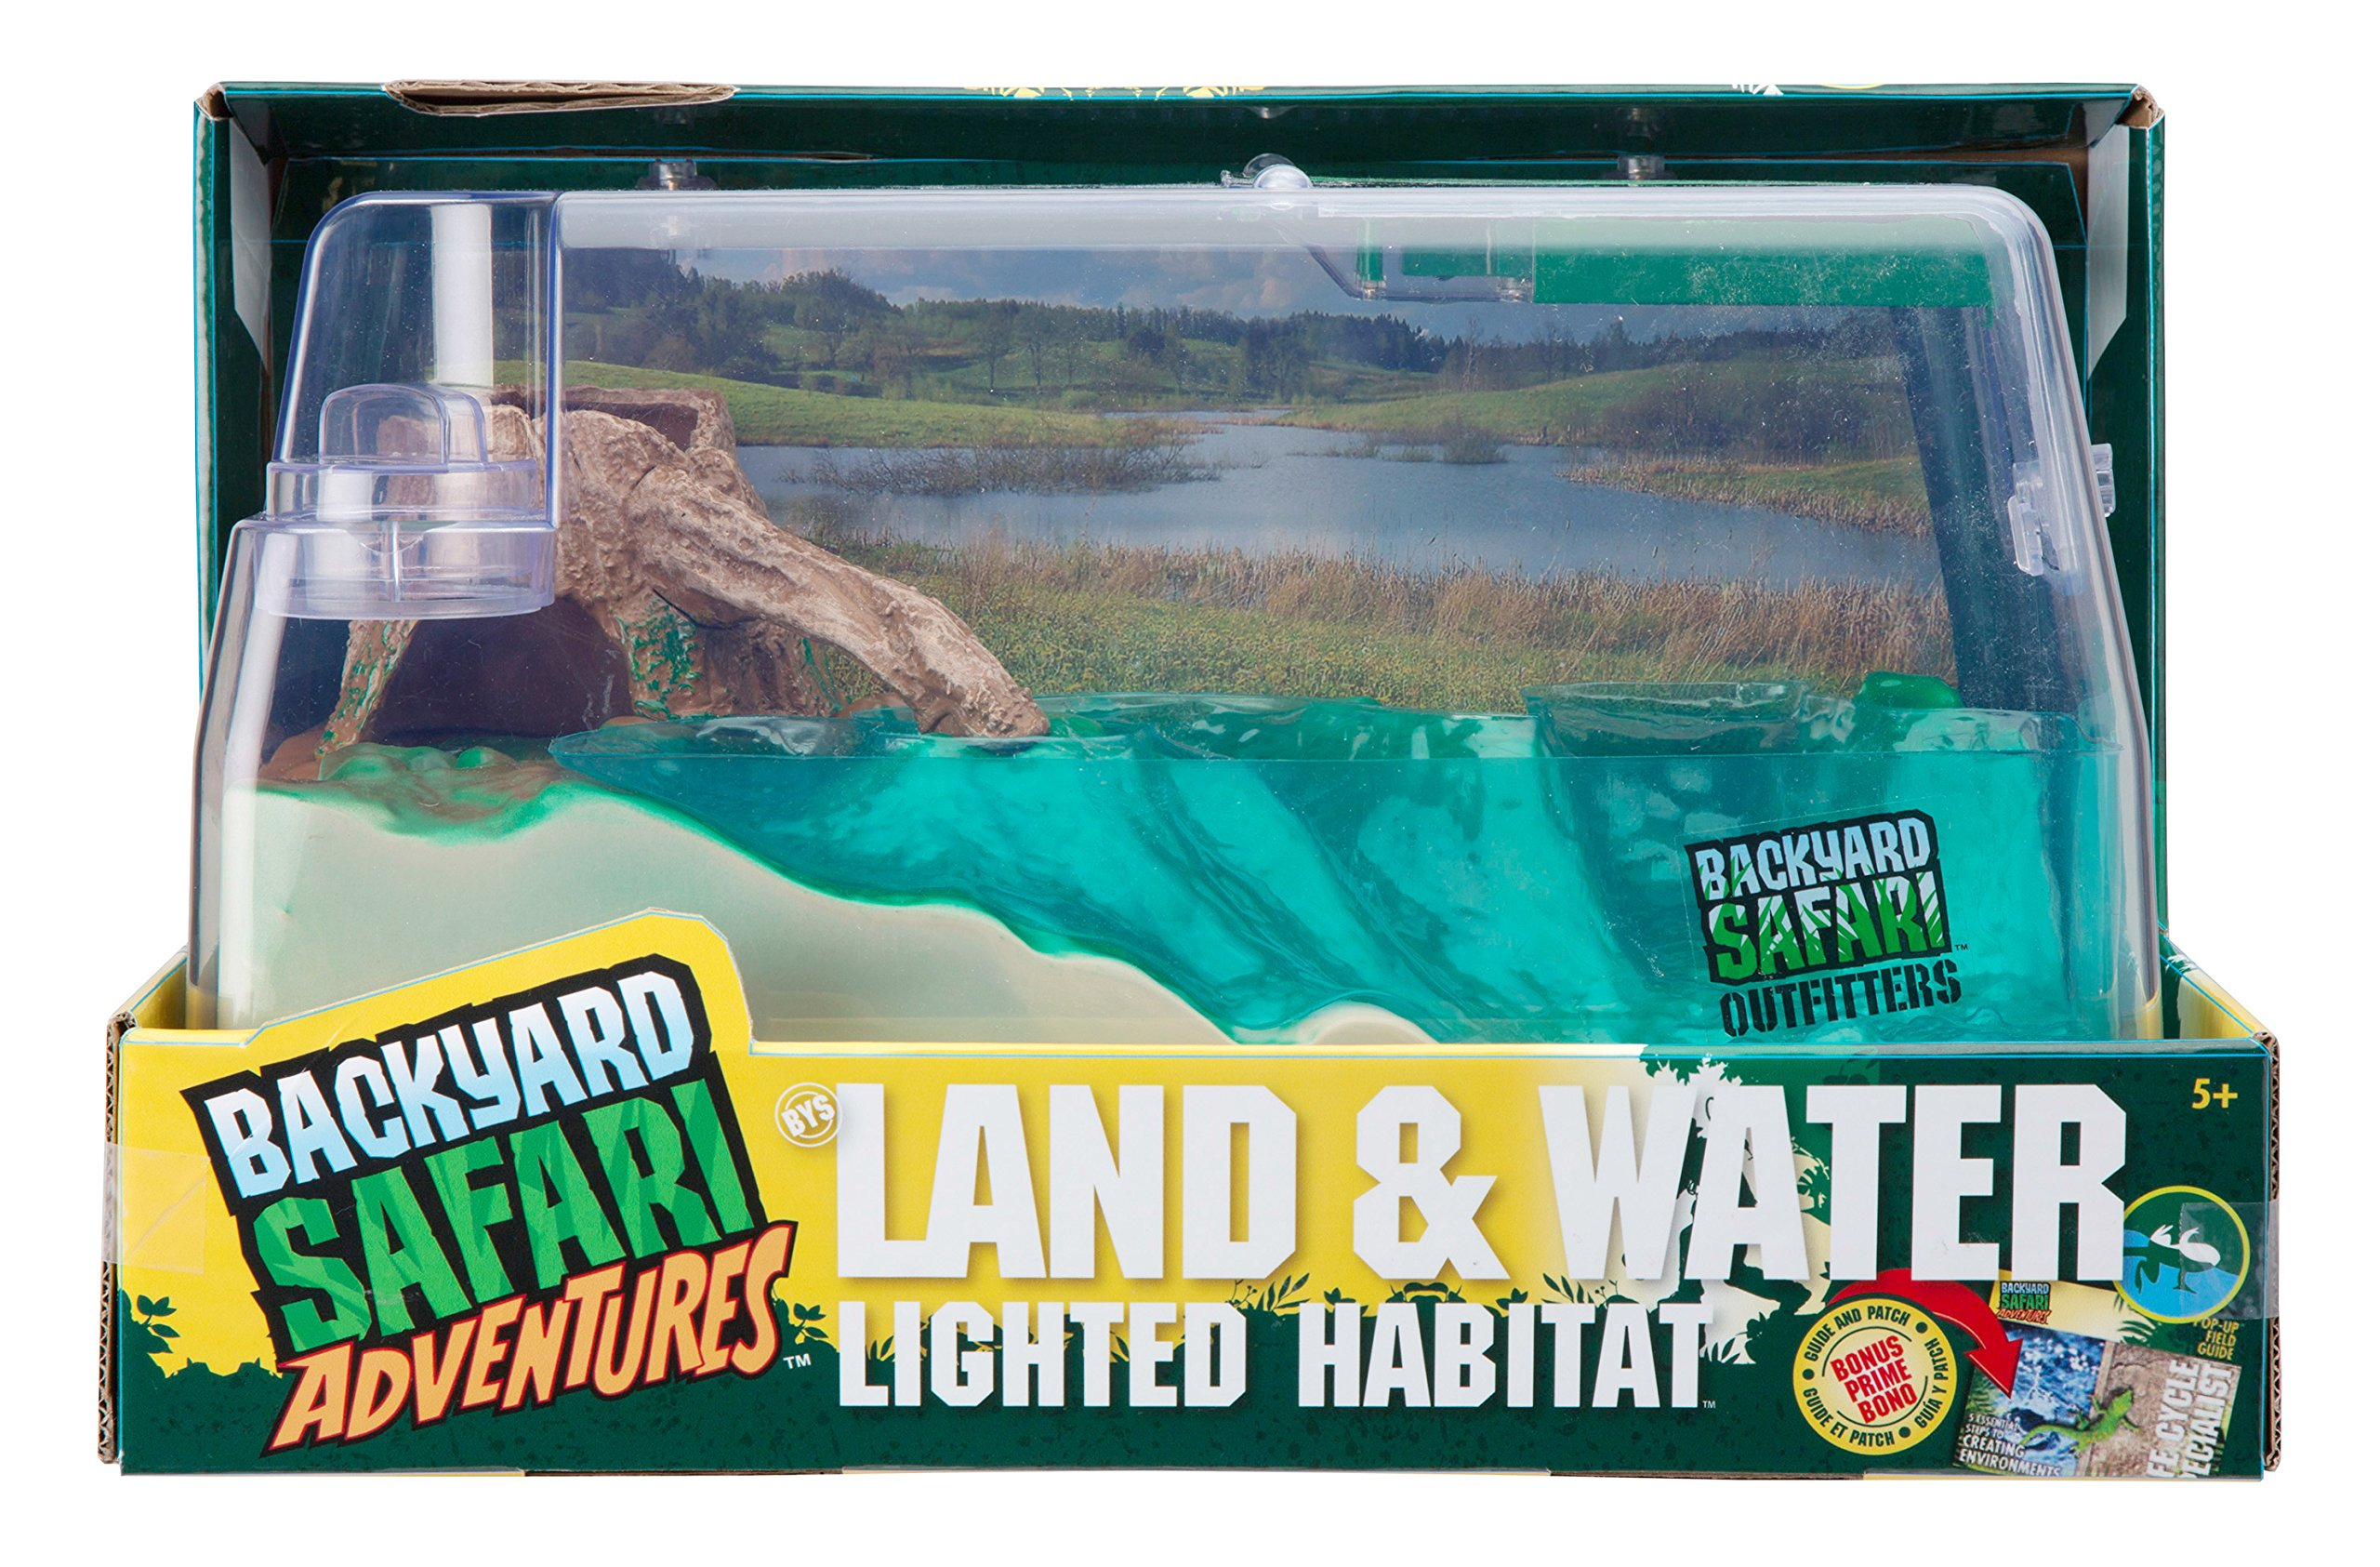 Backyard Safari Land and Water Lighted Habitat by Backyard Safari Company